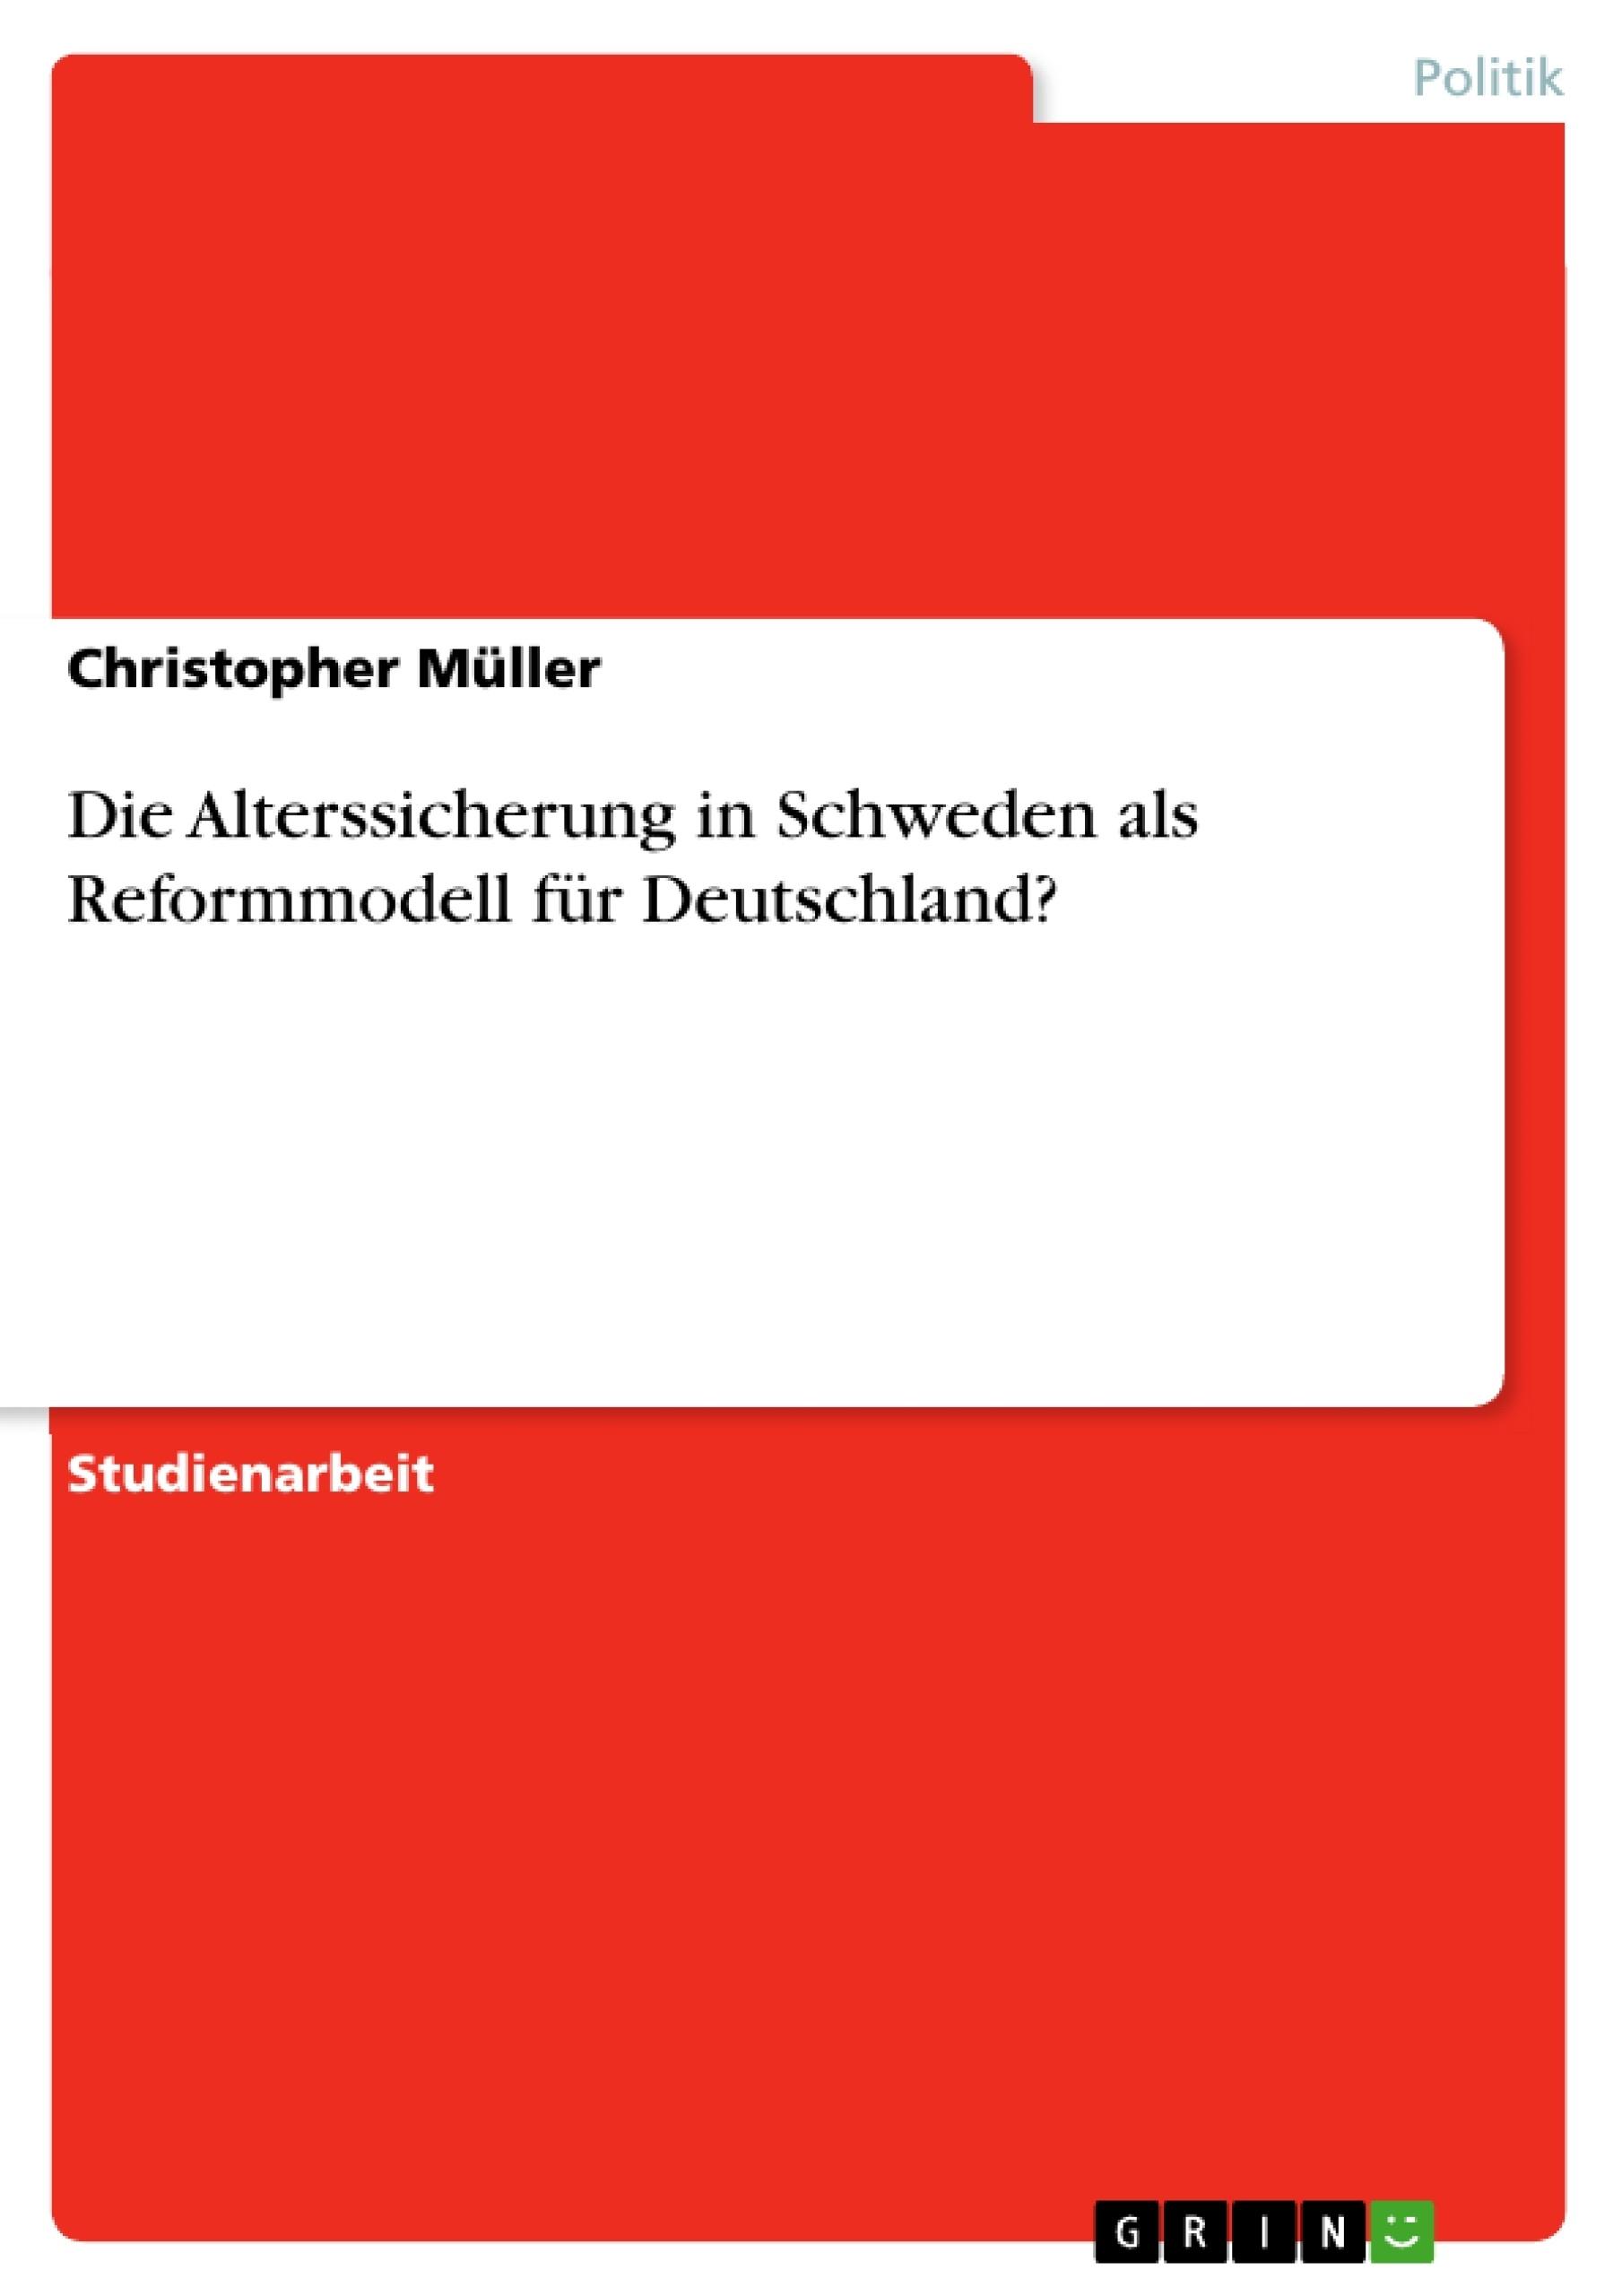 Titel: Die Alterssicherung in Schweden als  Reformmodell für Deutschland?